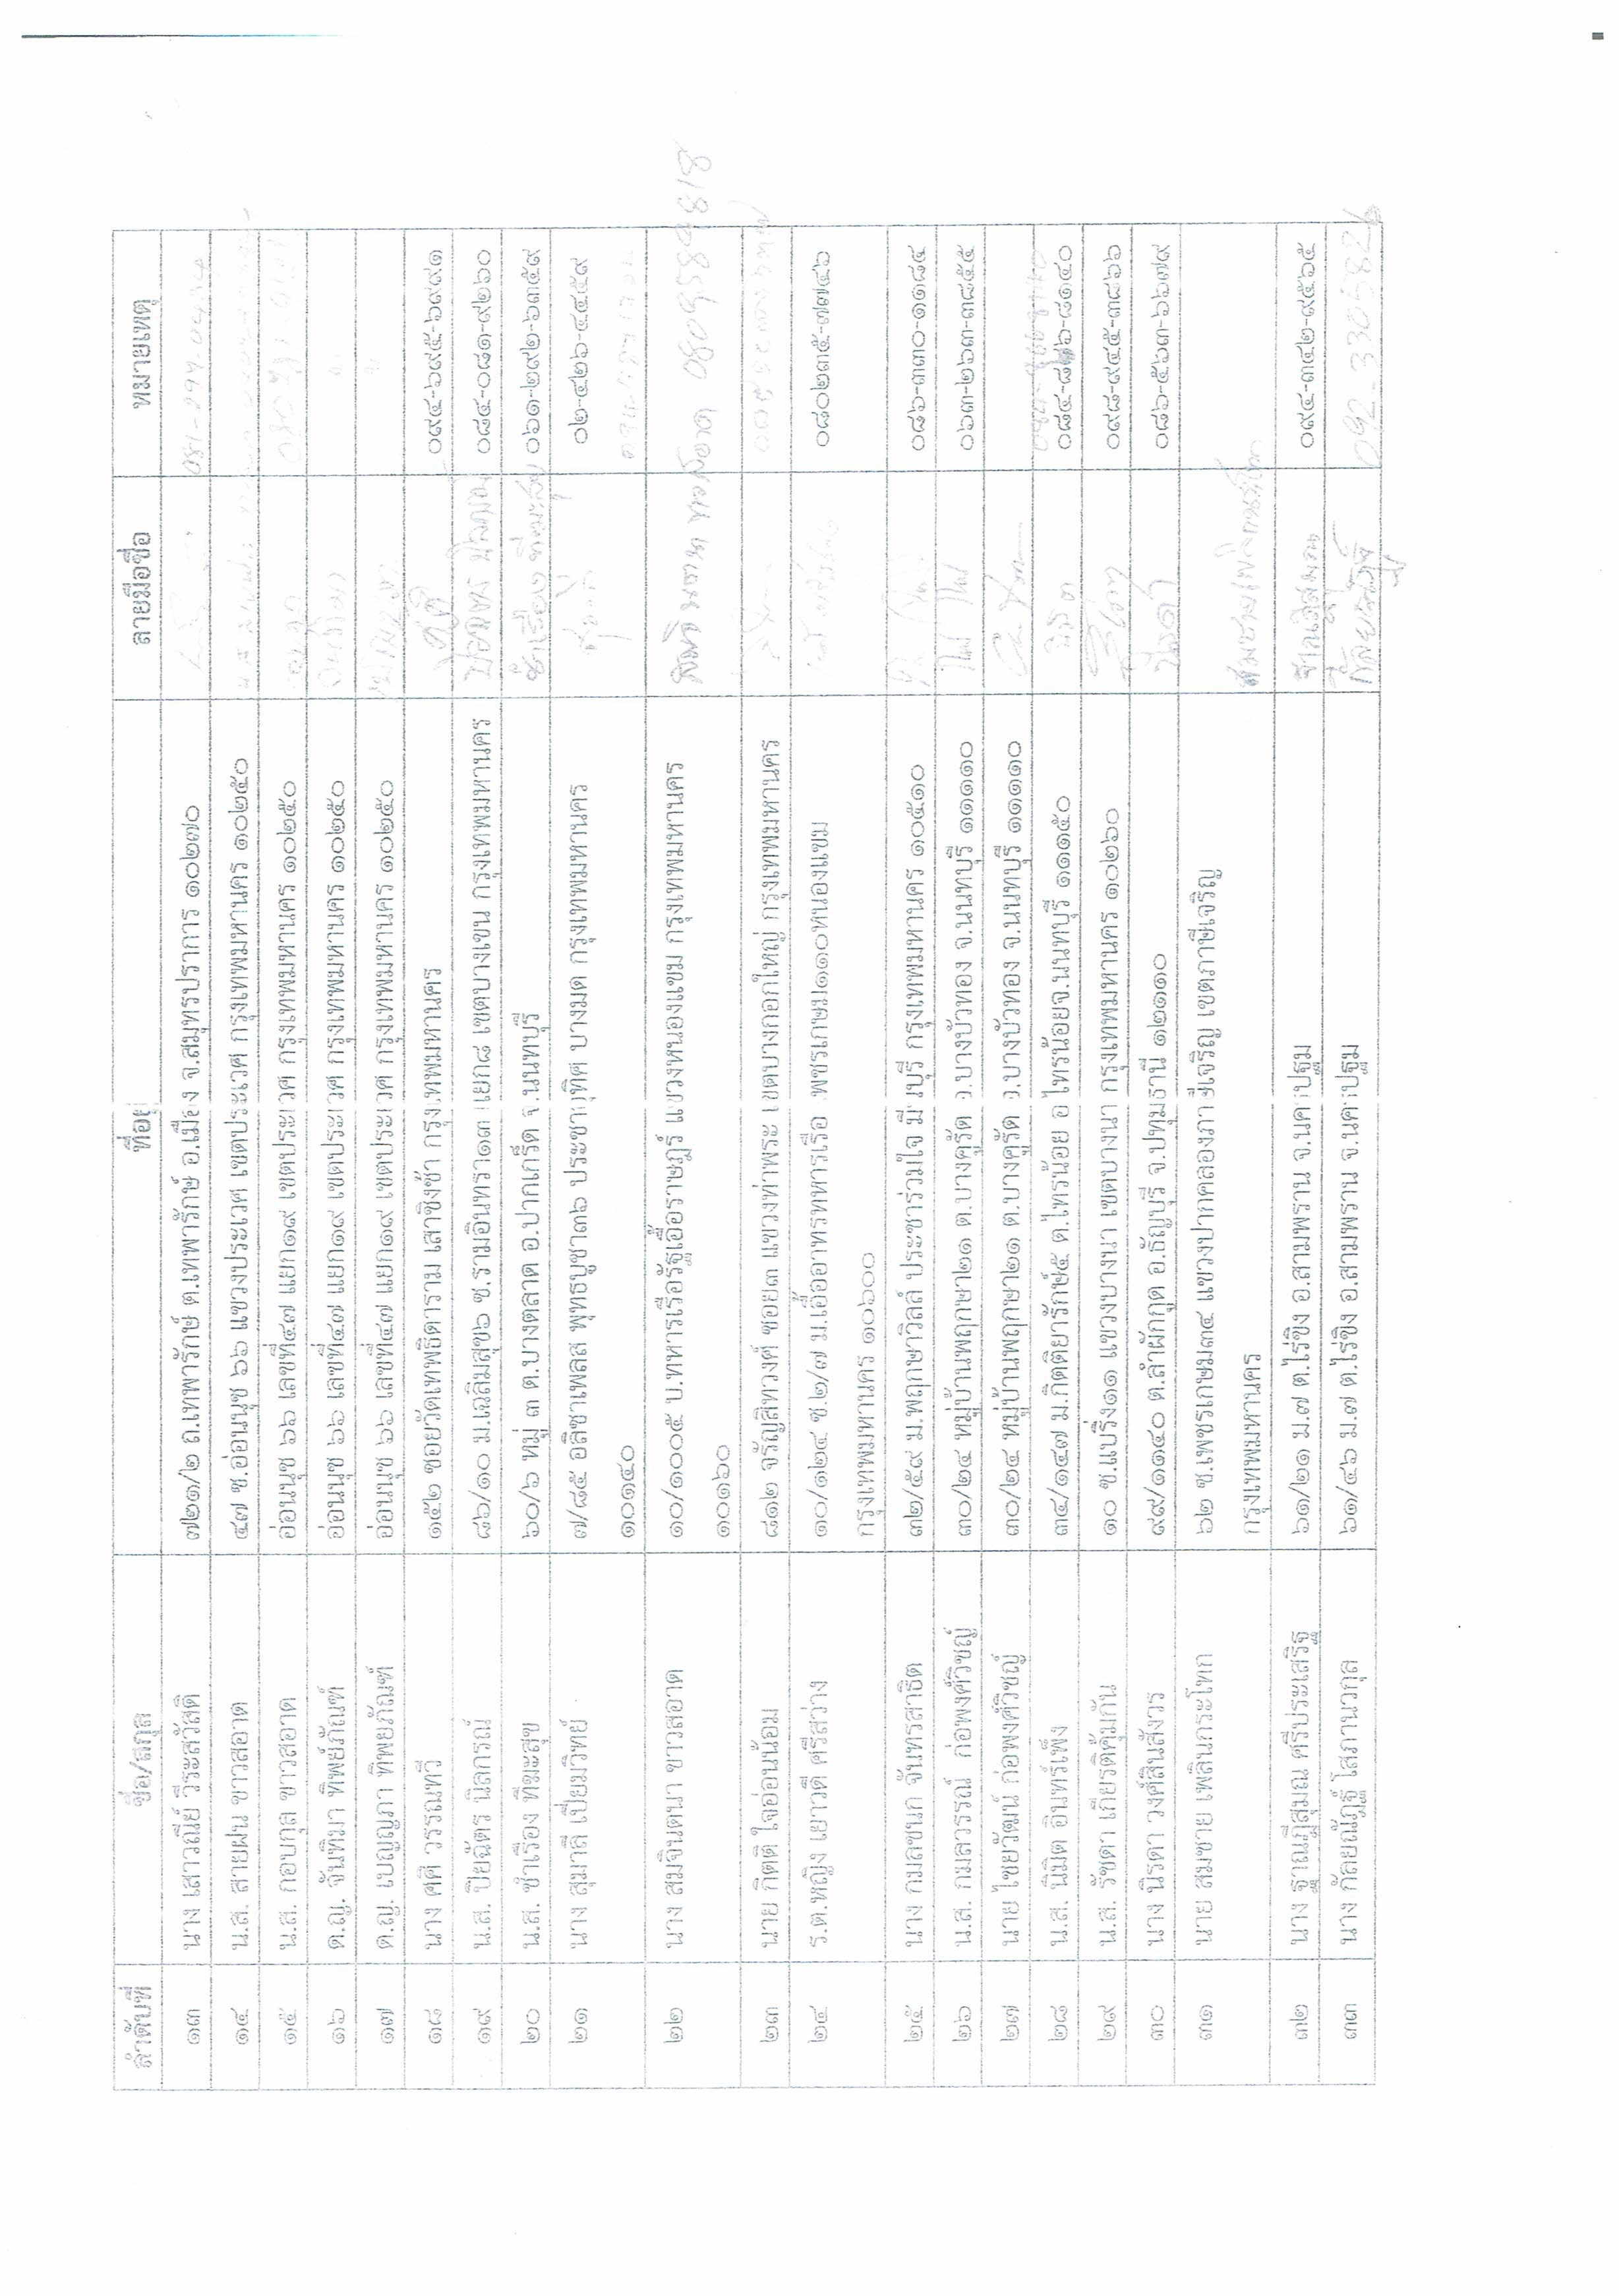 TL_Page_39